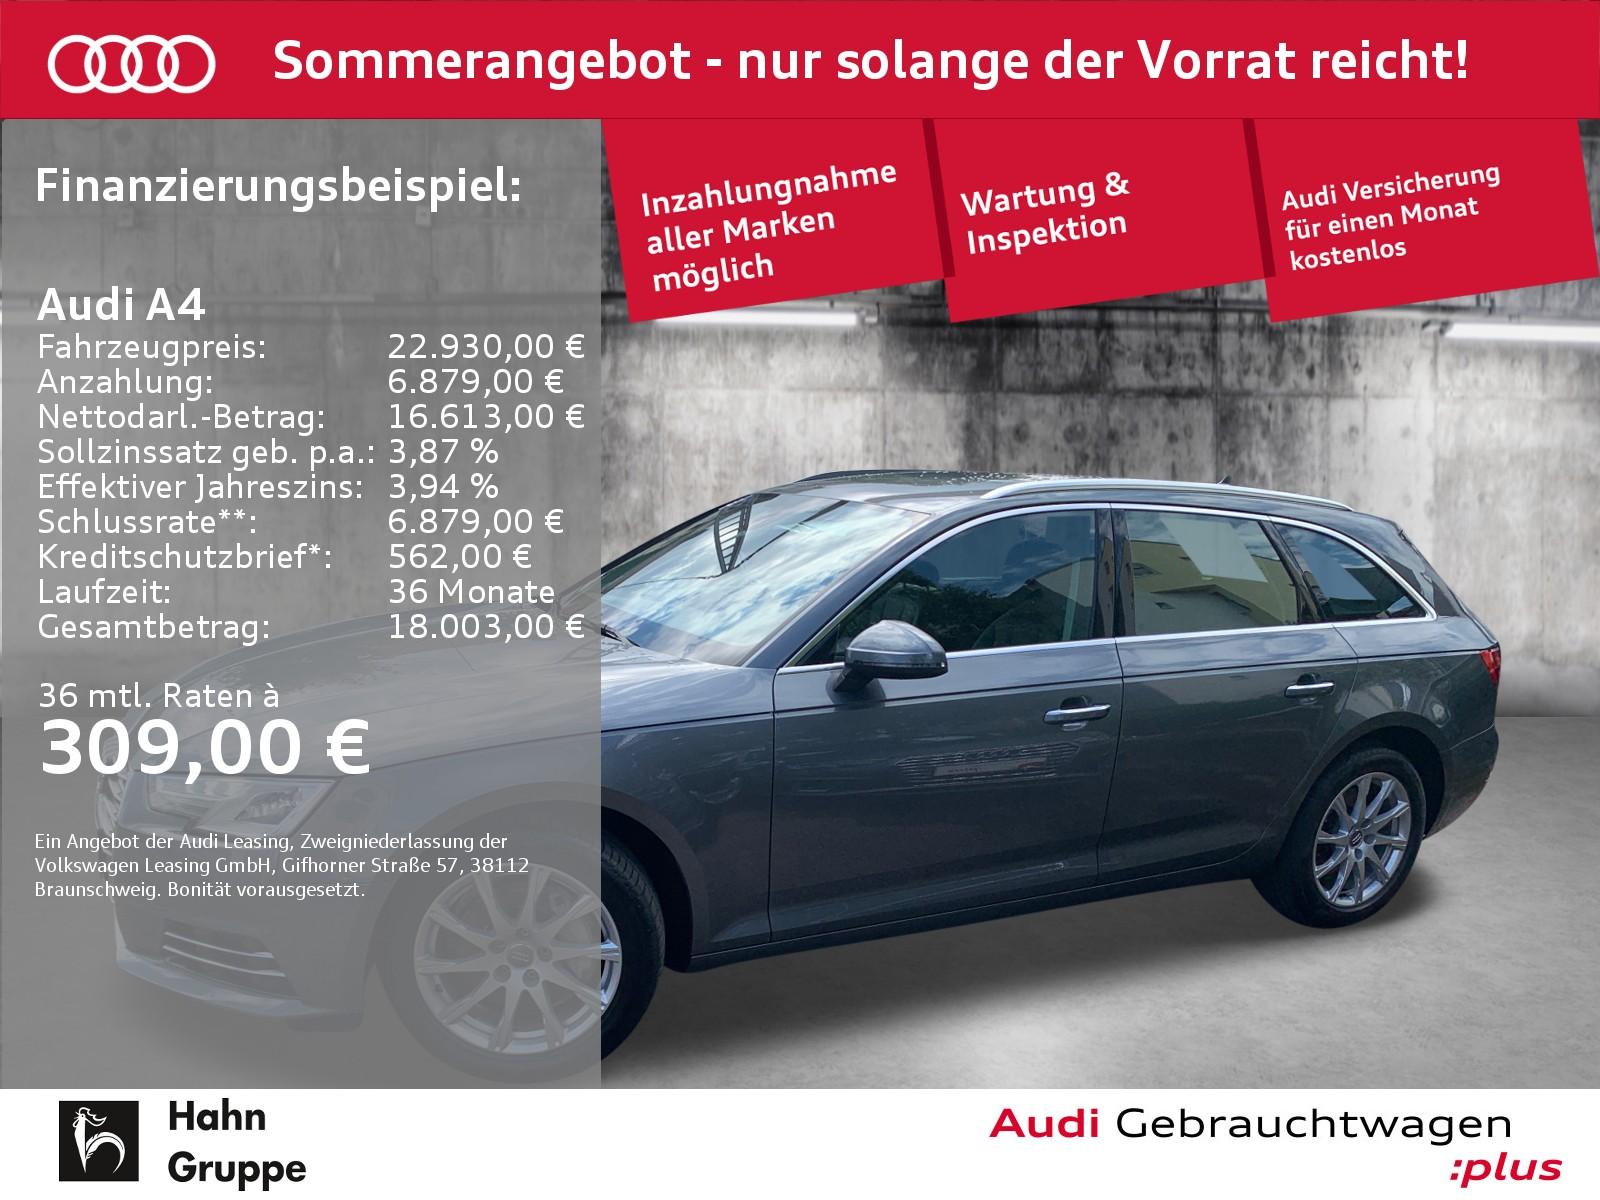 Audi A4 Avant 2.0 TDI Navi Xen Sitzh Einpark Tempo, Jahr 2016, Diesel